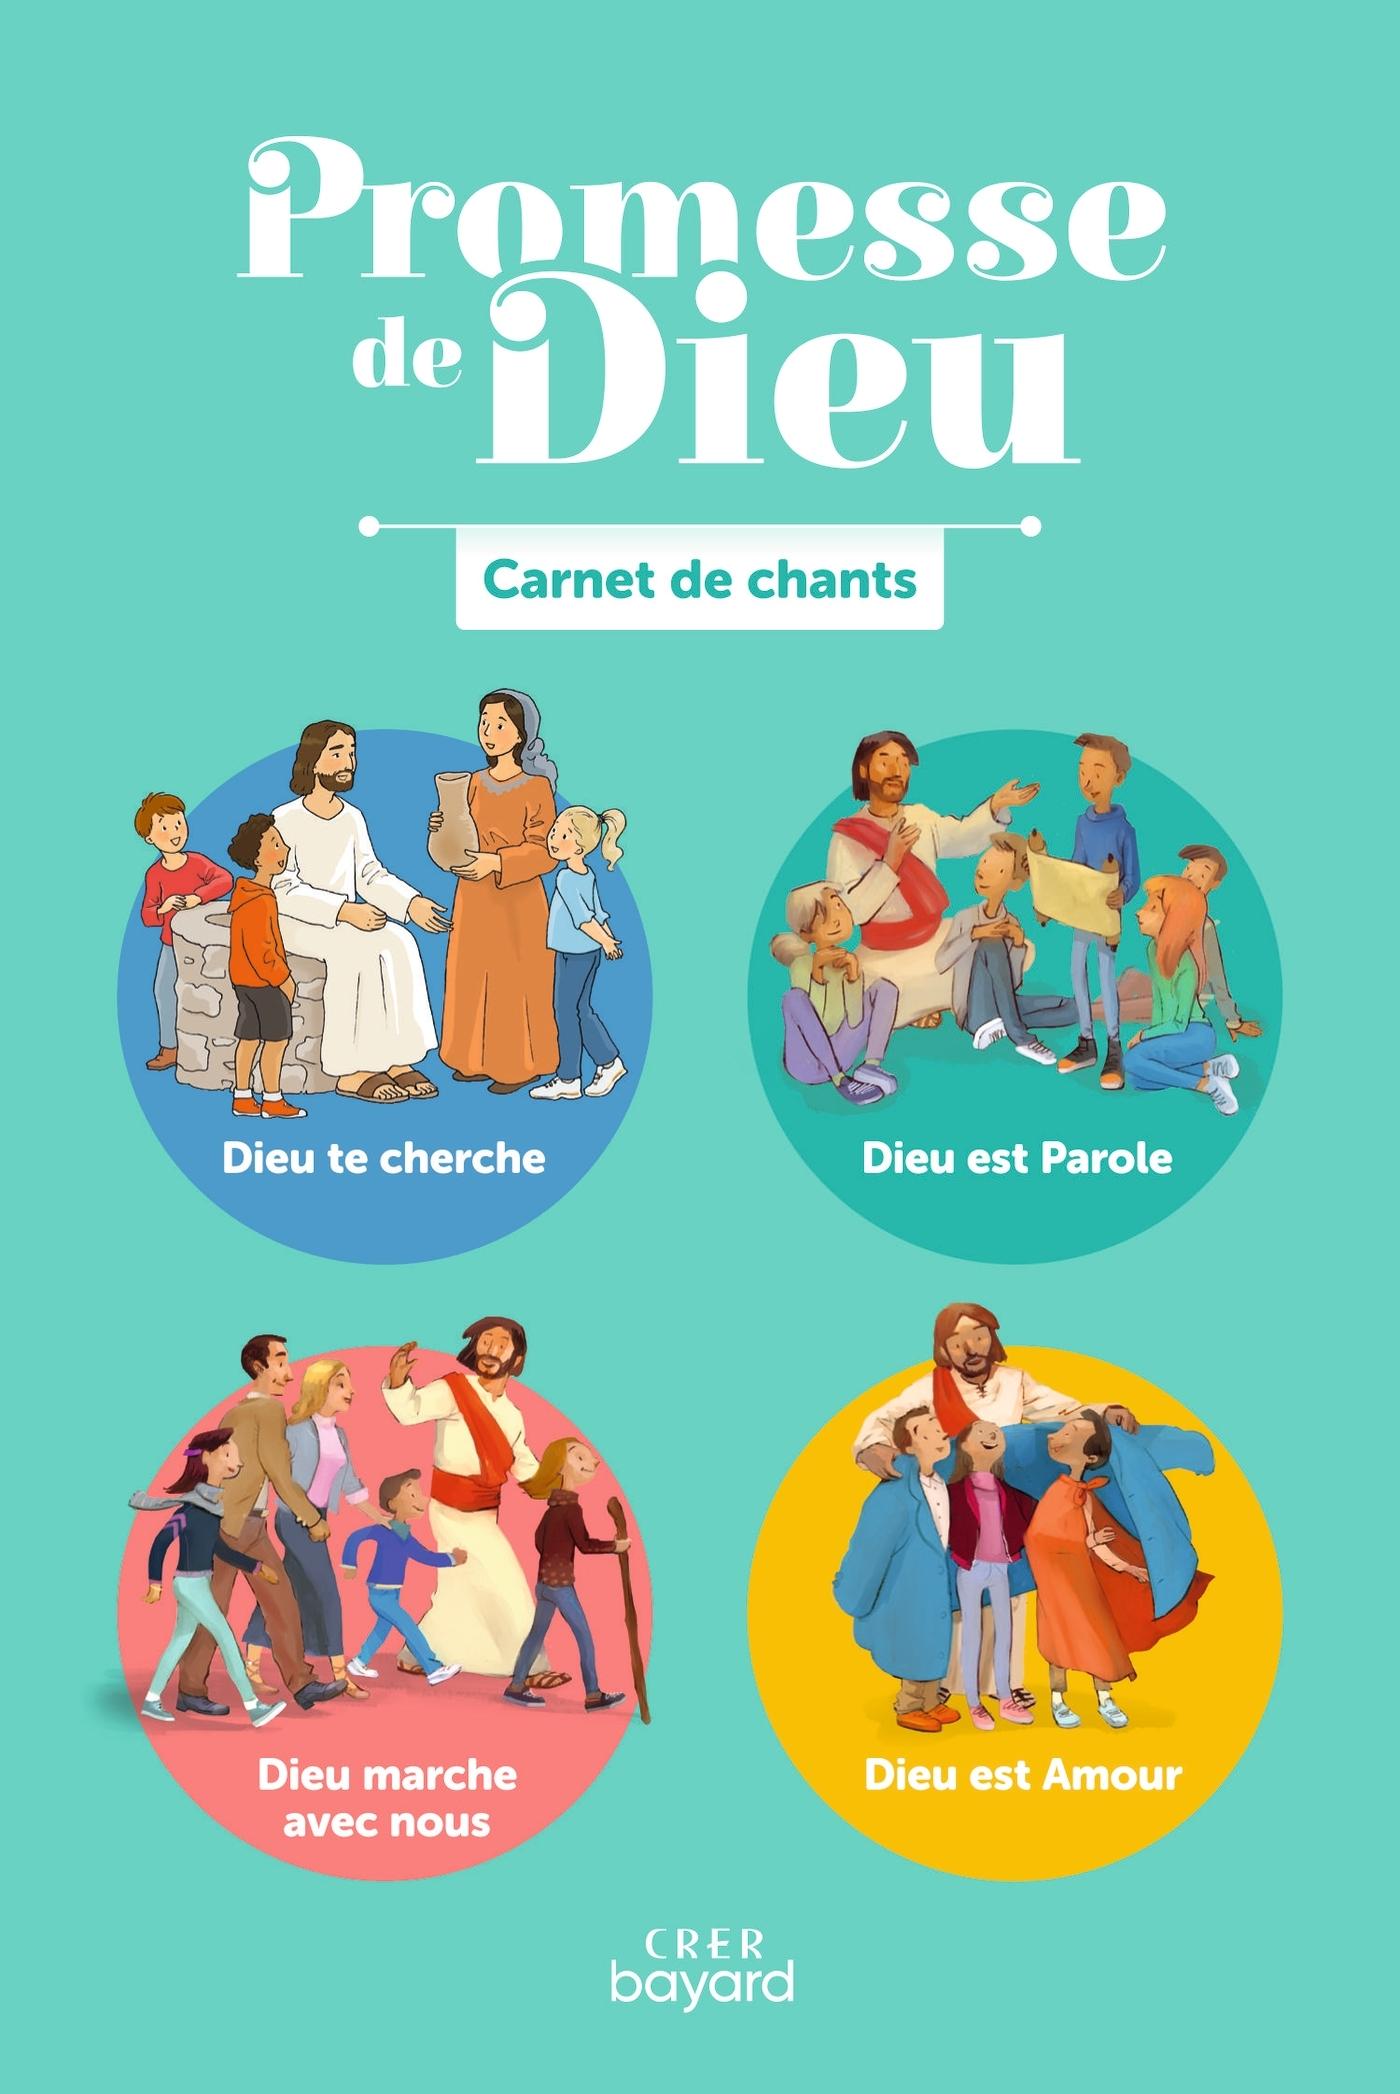 PROMESSE DE DIEU - CARNET DE CHANTS - 42 CHANTS POUR VIVRE L'ANNEE LITURGIQUE - ED.CRER BAYARD